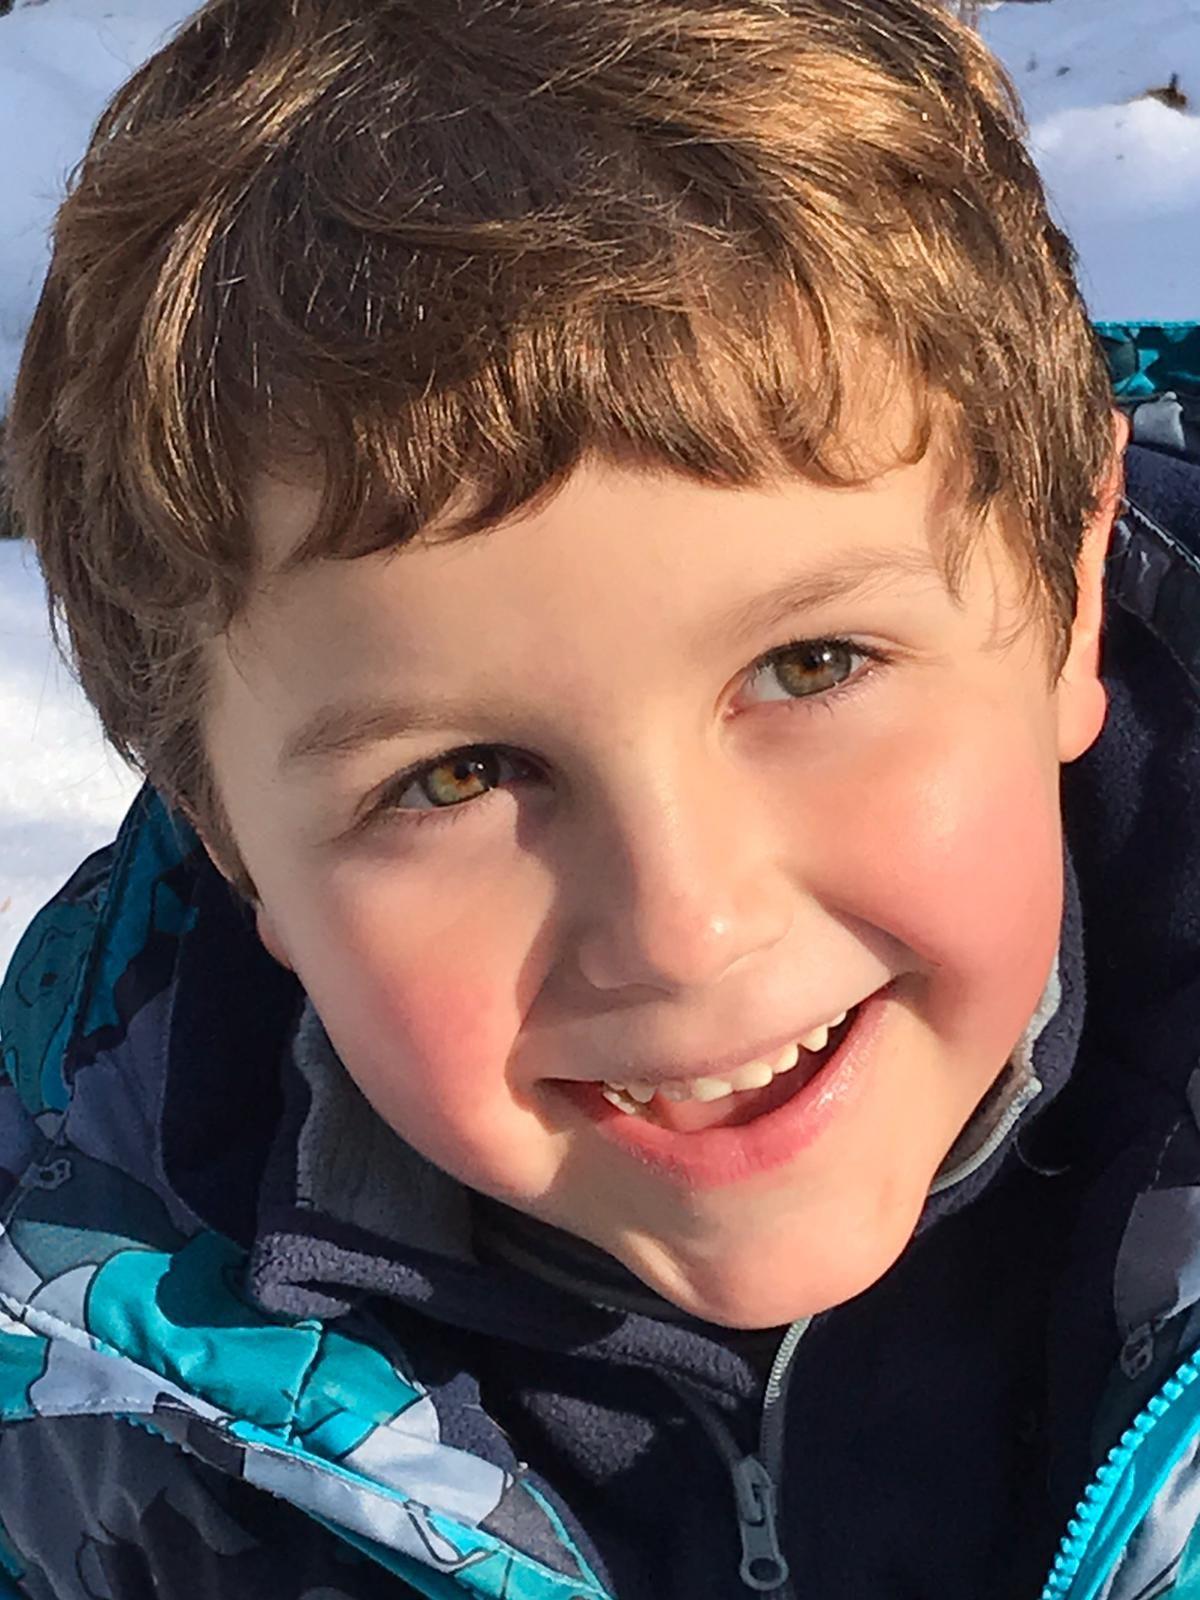 Appel à bénévoles à Maison Alfort pour Augustin, porteur de légers troubles du spectre autistique.